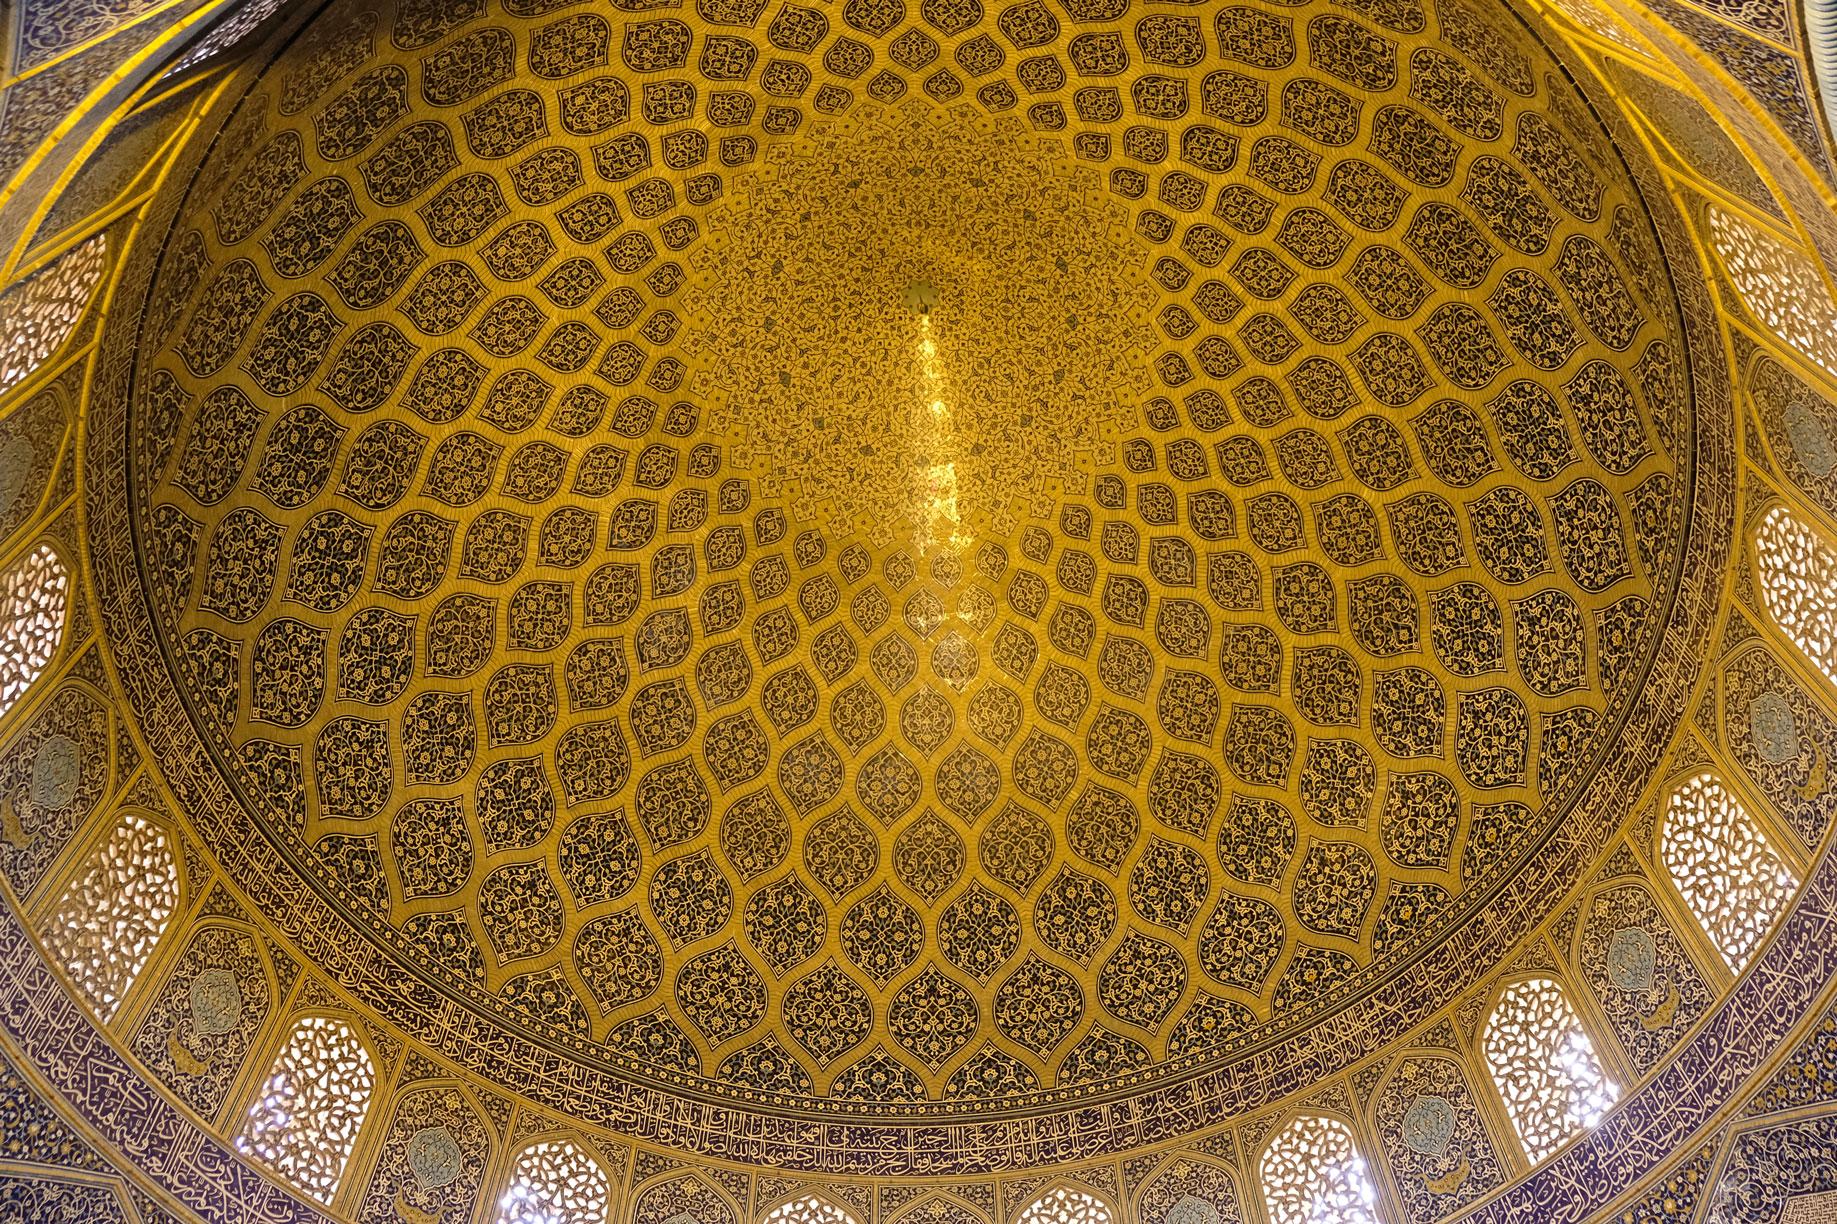 Die Innenseite der verzierten Kuppel der Scheich-Lotfollah-Moschee